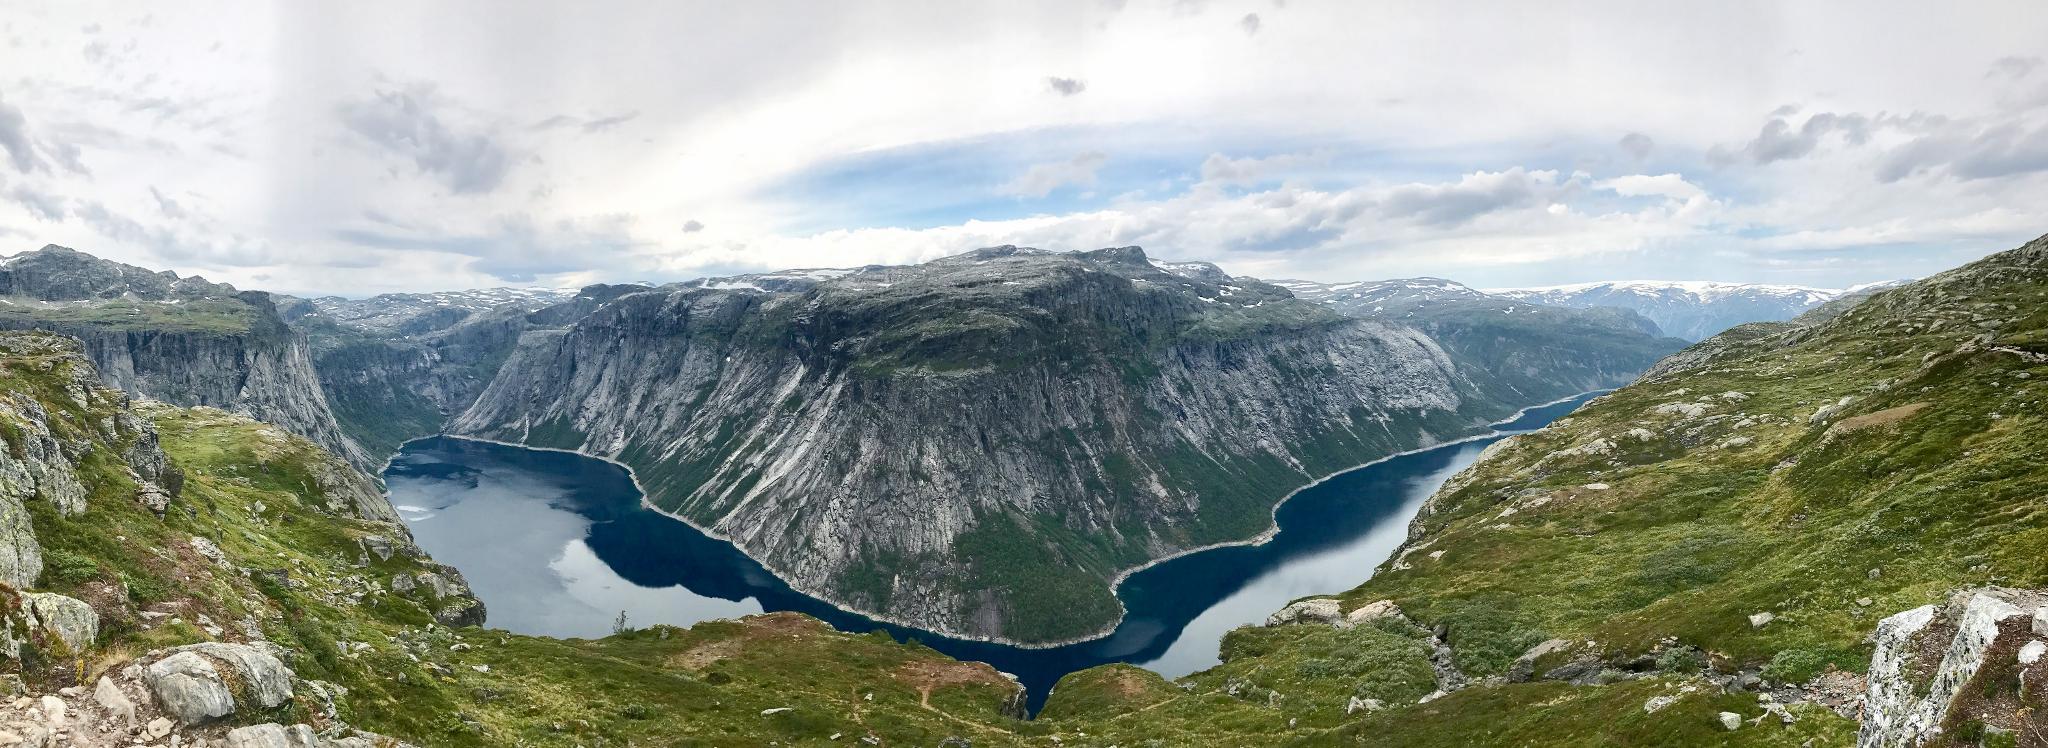 【北歐景點】挪威惡魔之舌 Trolltunga — 28公里健行挑戰全攻略 202